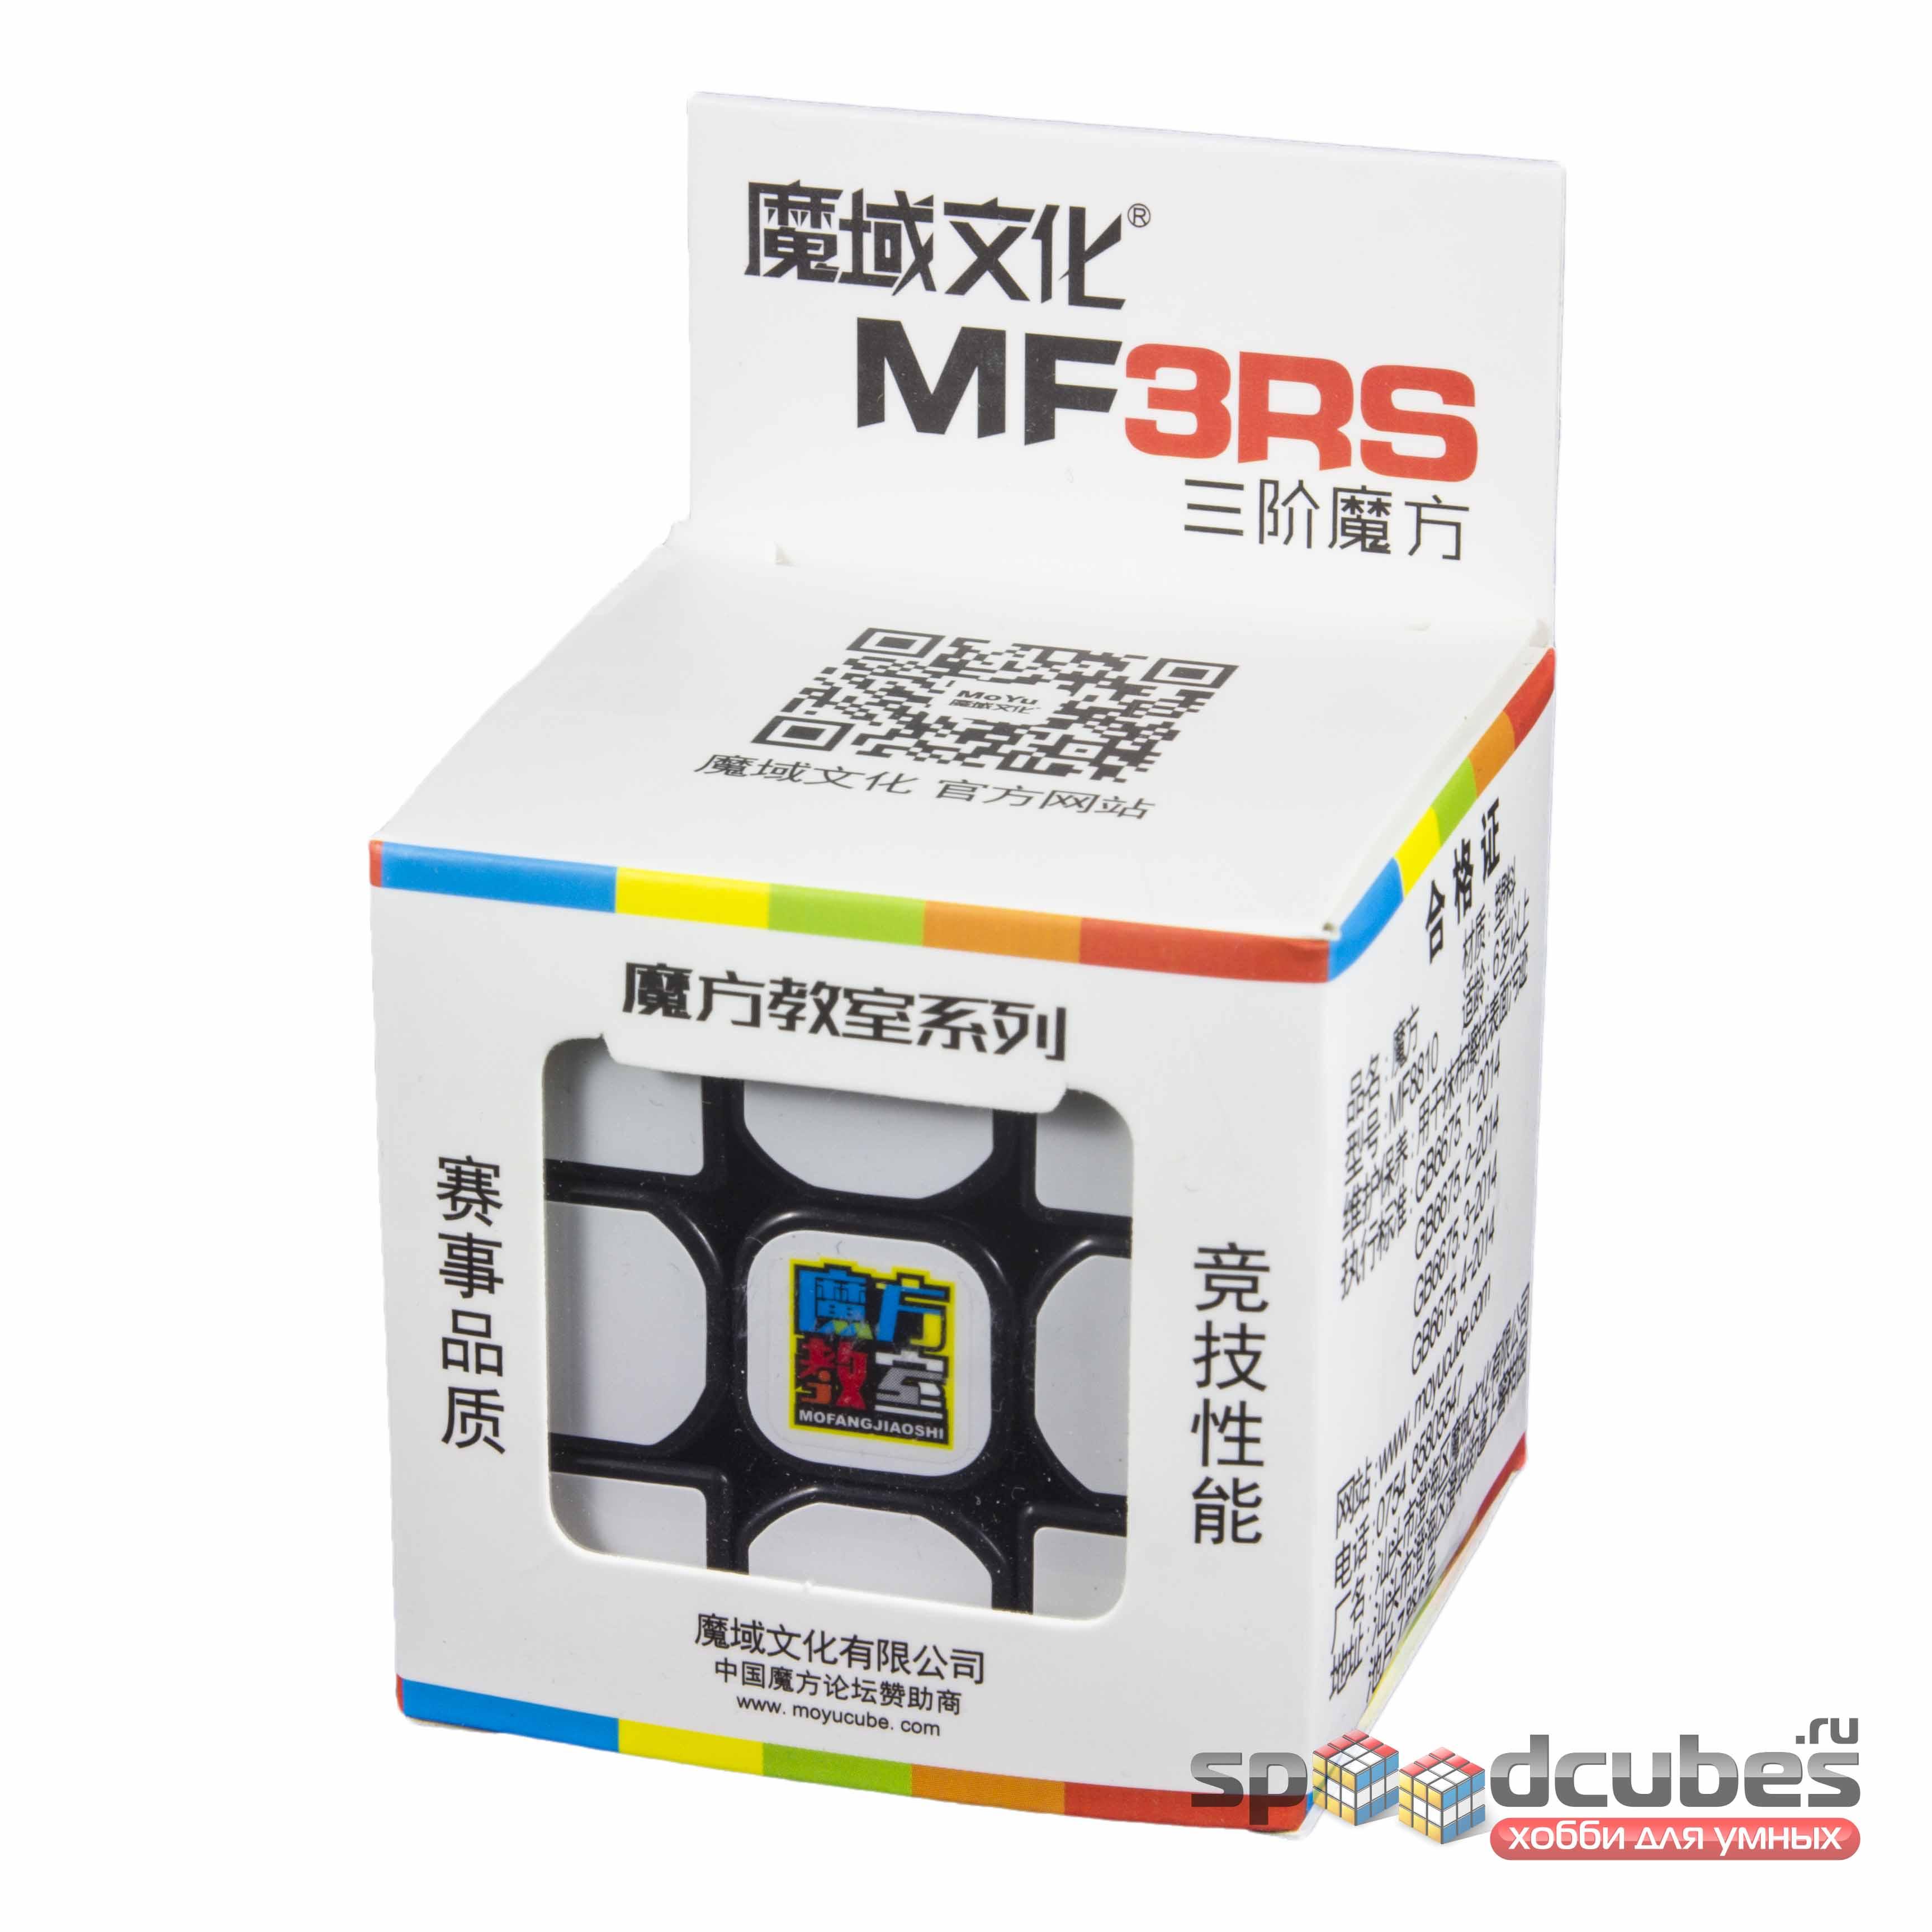 Moyu 3x3x3 Mofangjiaoshi Mf3rs Black 1